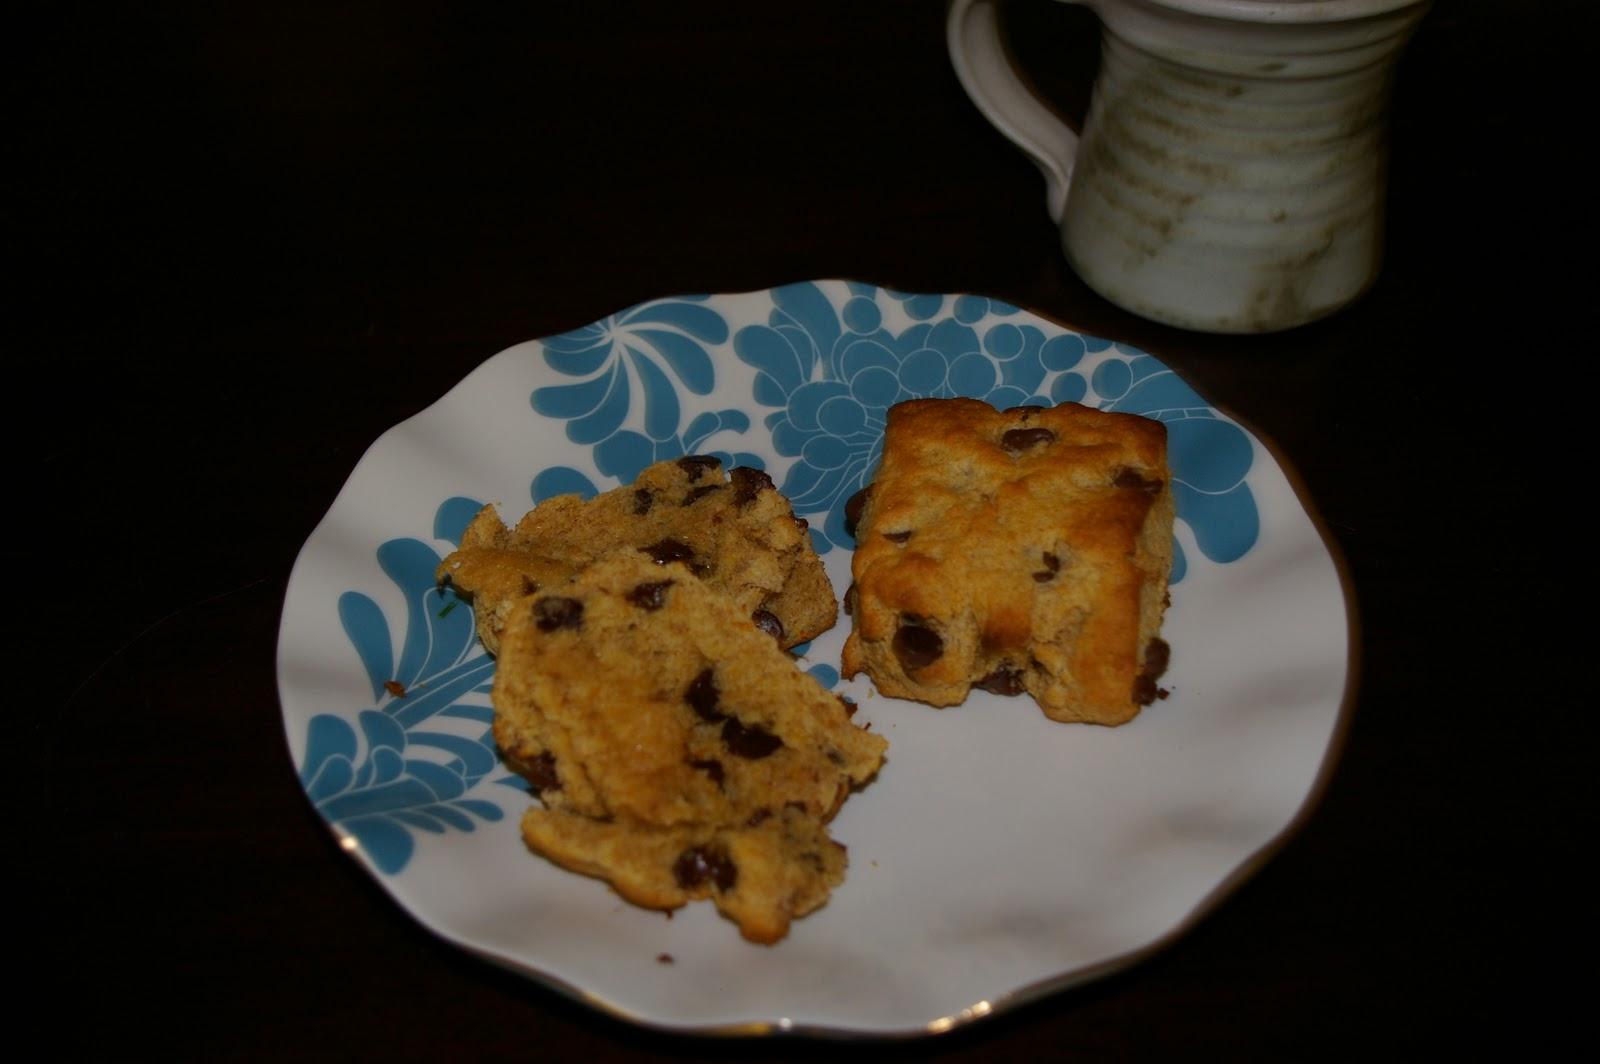 Snacks and Desserts: Orange and Dark Chocolate Buttermilk Scones